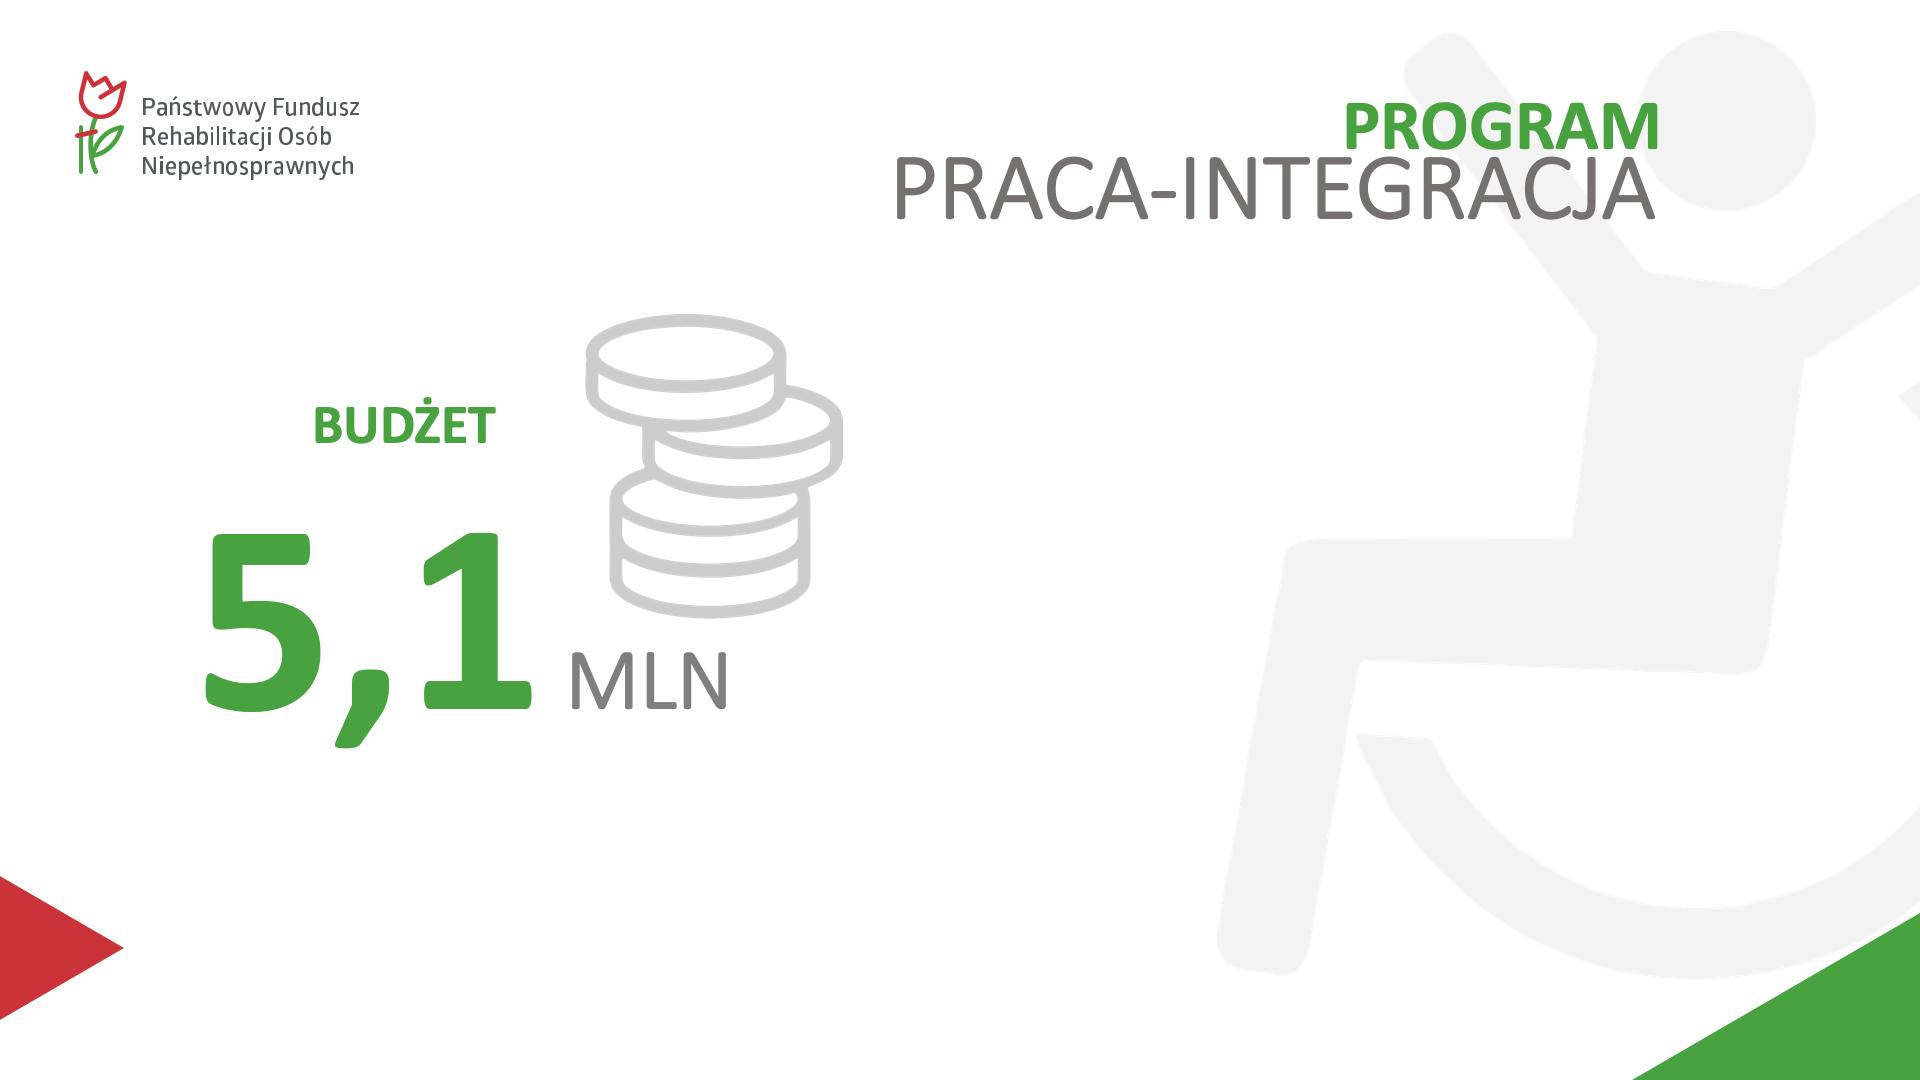 """infografika informujaca o ponad 5 milionach wsparcia udzielonego w ramach programu """"Praca-Integracja"""""""